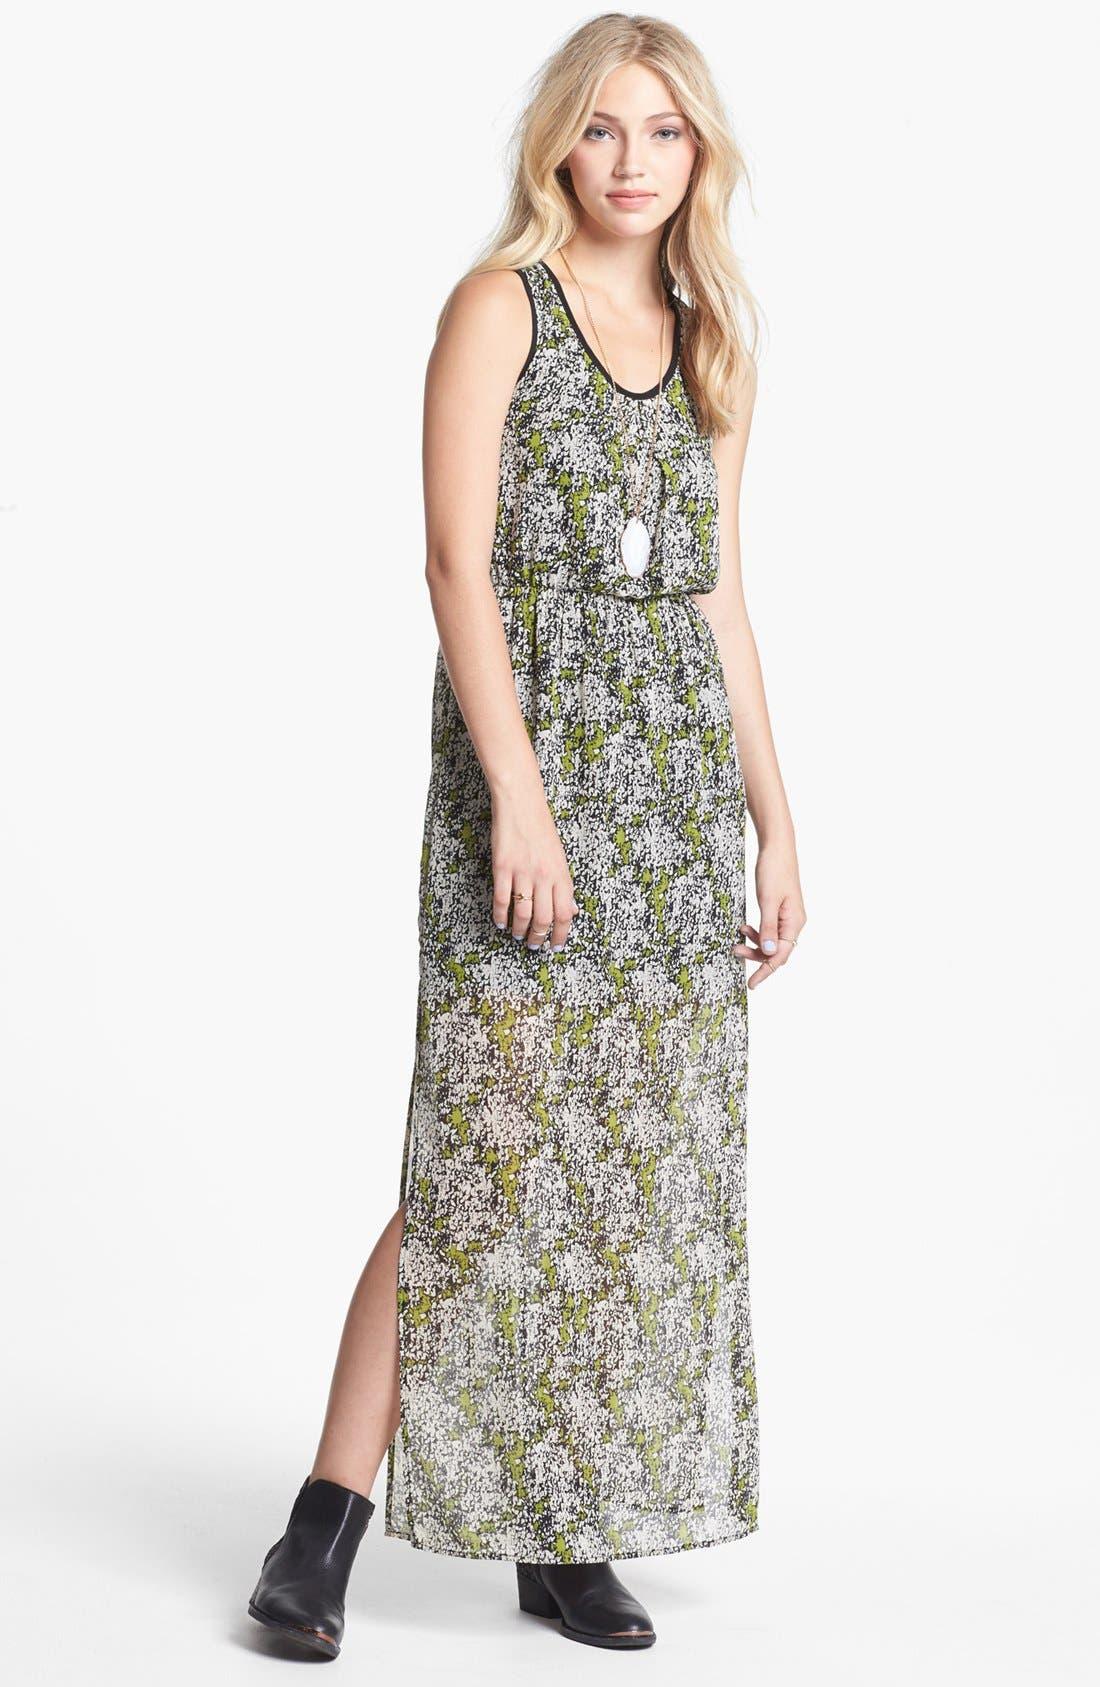 Alternate Image 1 Selected - dee elle Cutout Print Racerback Maxi Dress (Juniors)